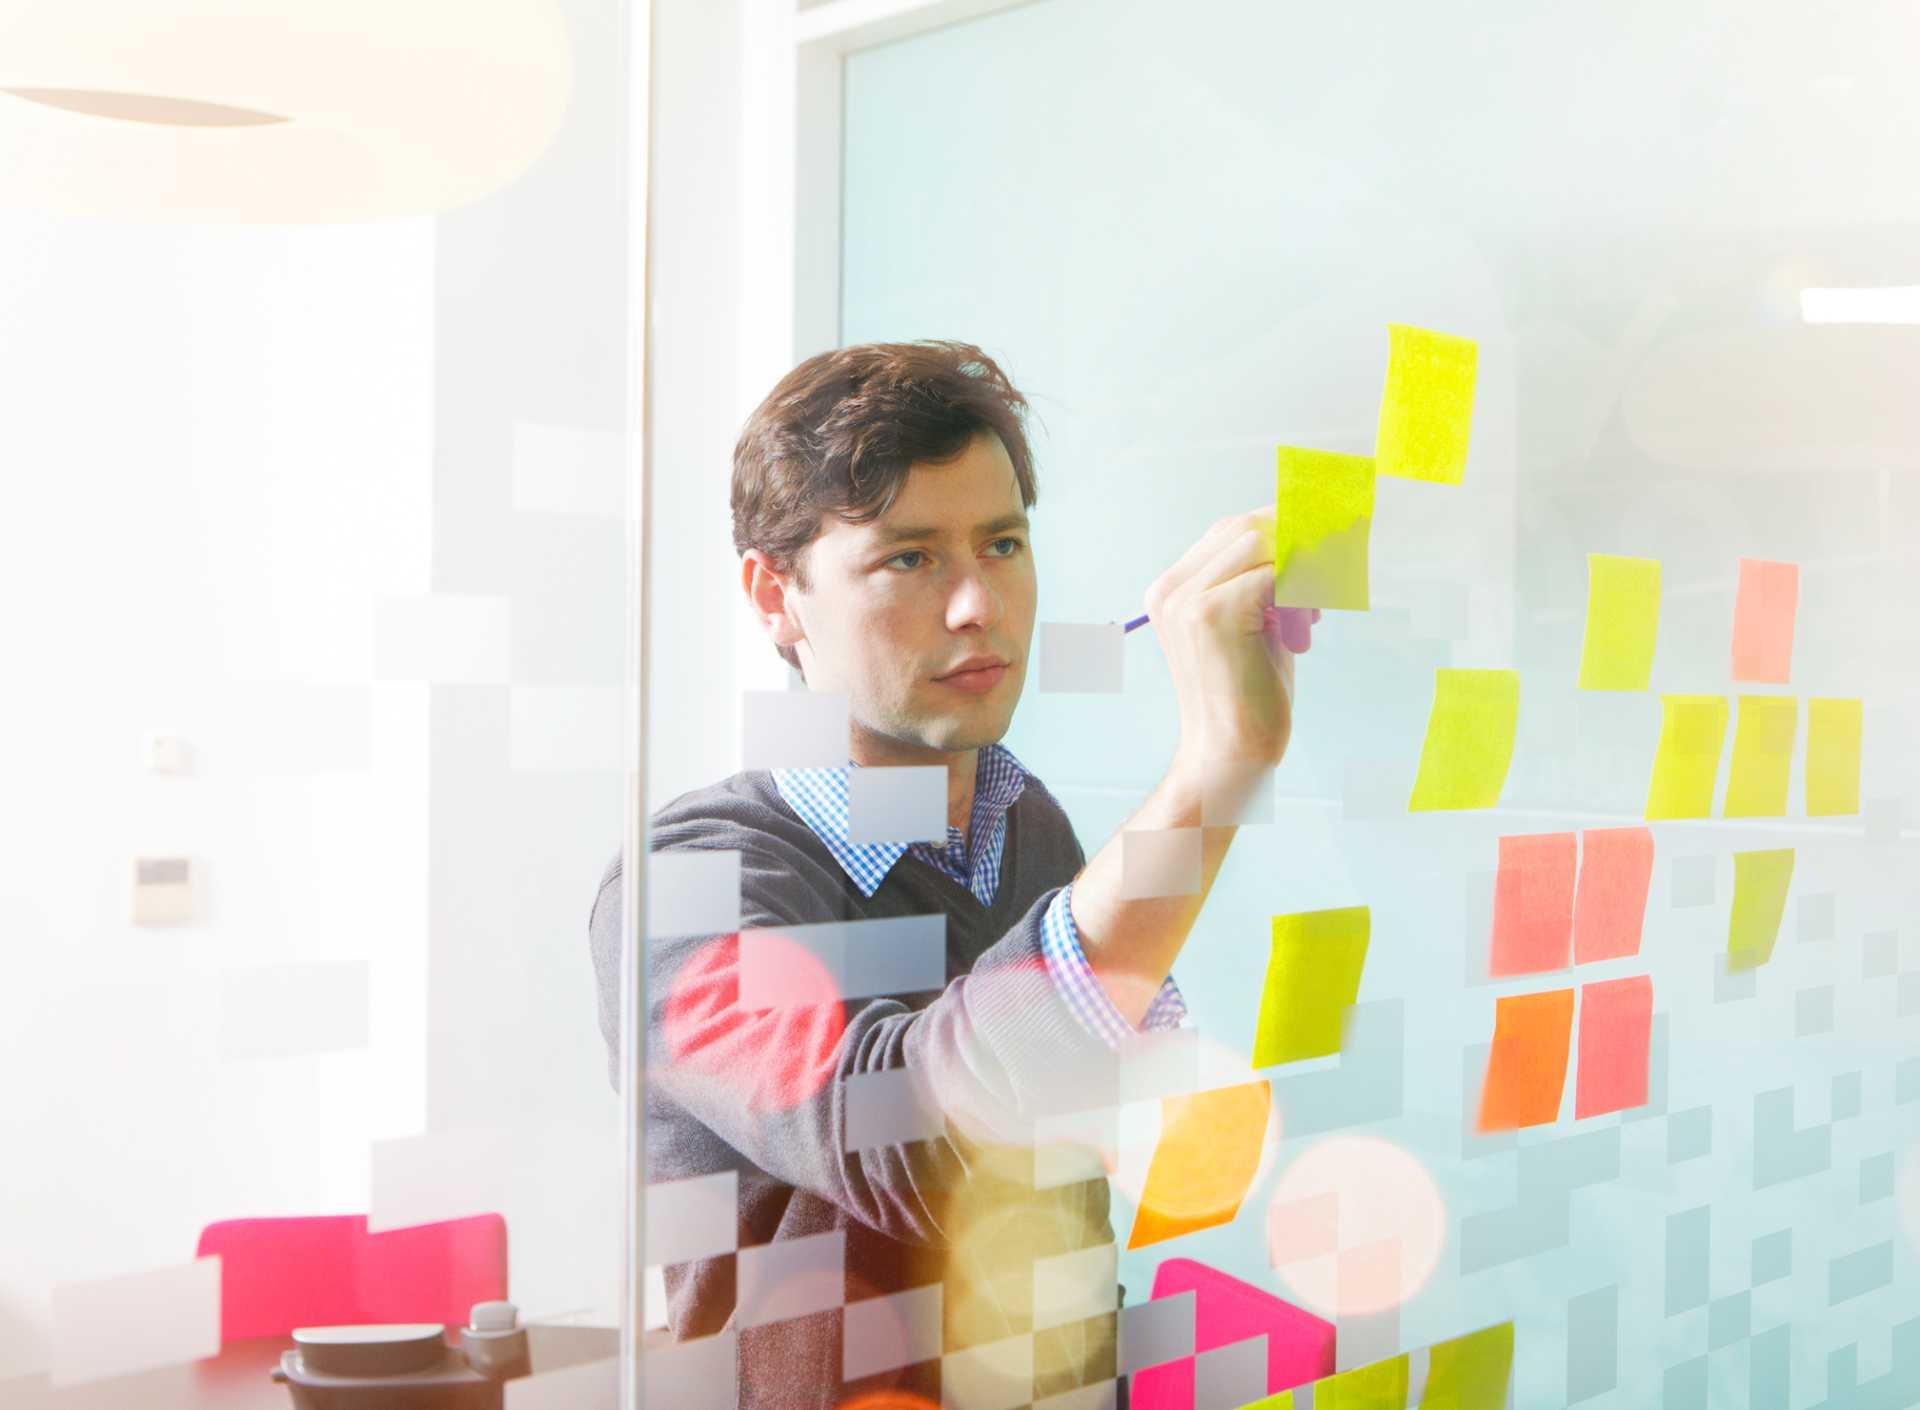 gestão à vista - gestor da empresa atualizando dados em post-its colados numa parede de vidro